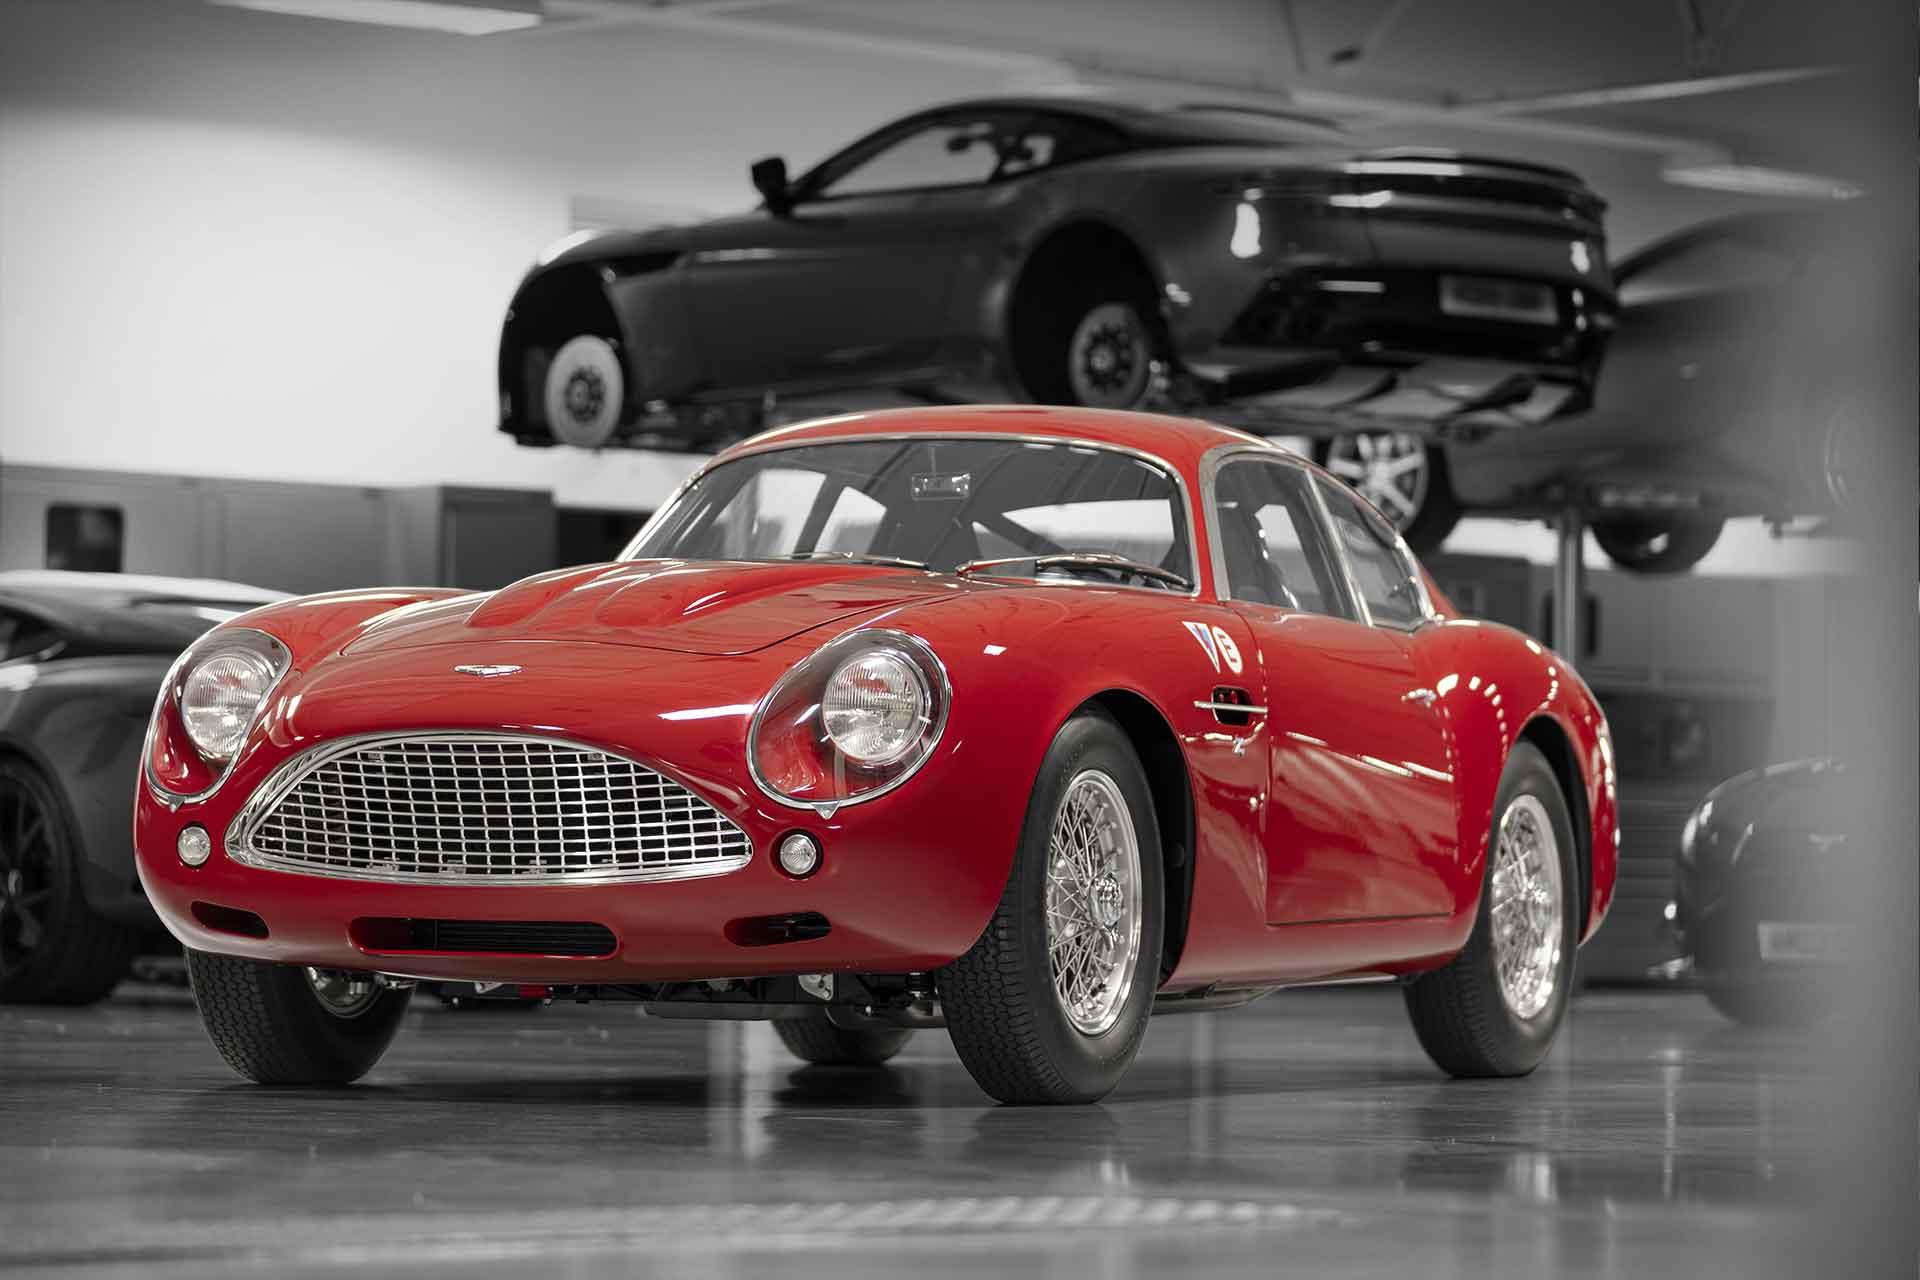 Aston Martin DB4 GT Zagato Continuation Coupe